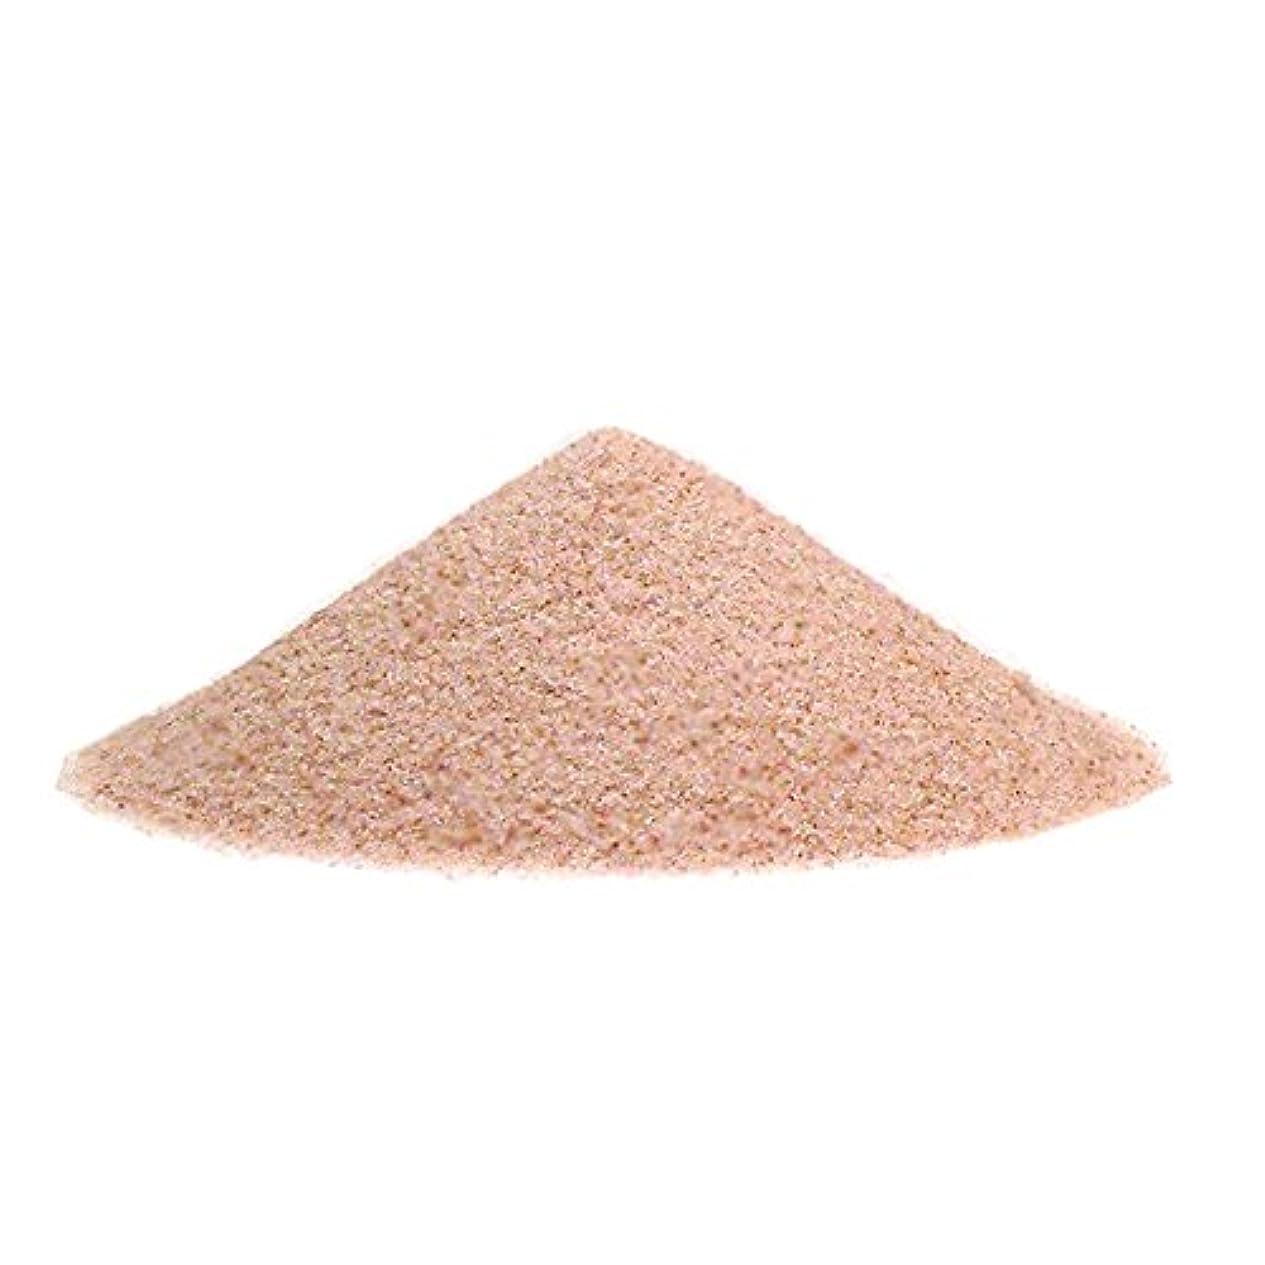 影響を受けやすいですオピエートハッピー増量中!ヒマラヤ岩塩 ピンクソルト 入浴用 バスソルト(微粒パウダー) ピンク岩塩 (1kg+増量250g)